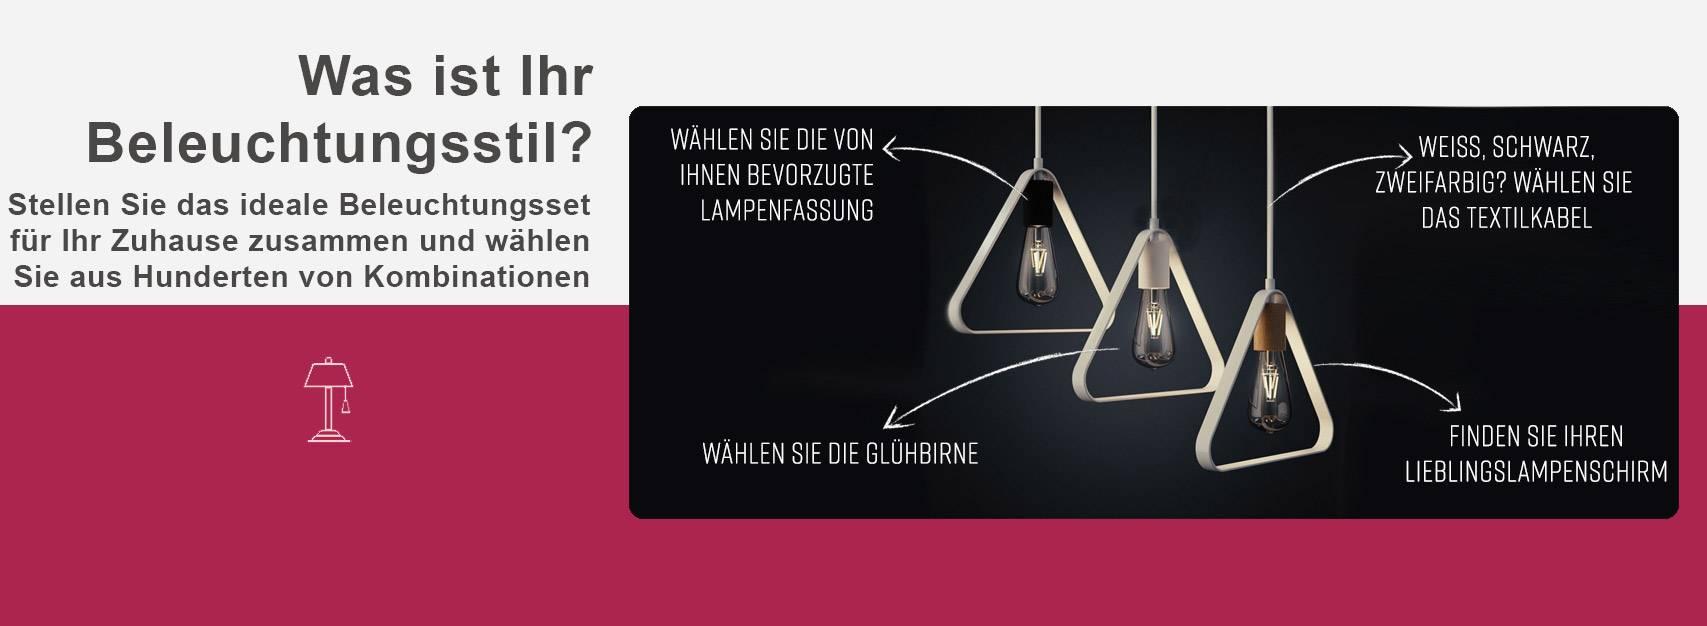 Stellen Sie das ideale Beleuchtungsset für Ihr Zuhause